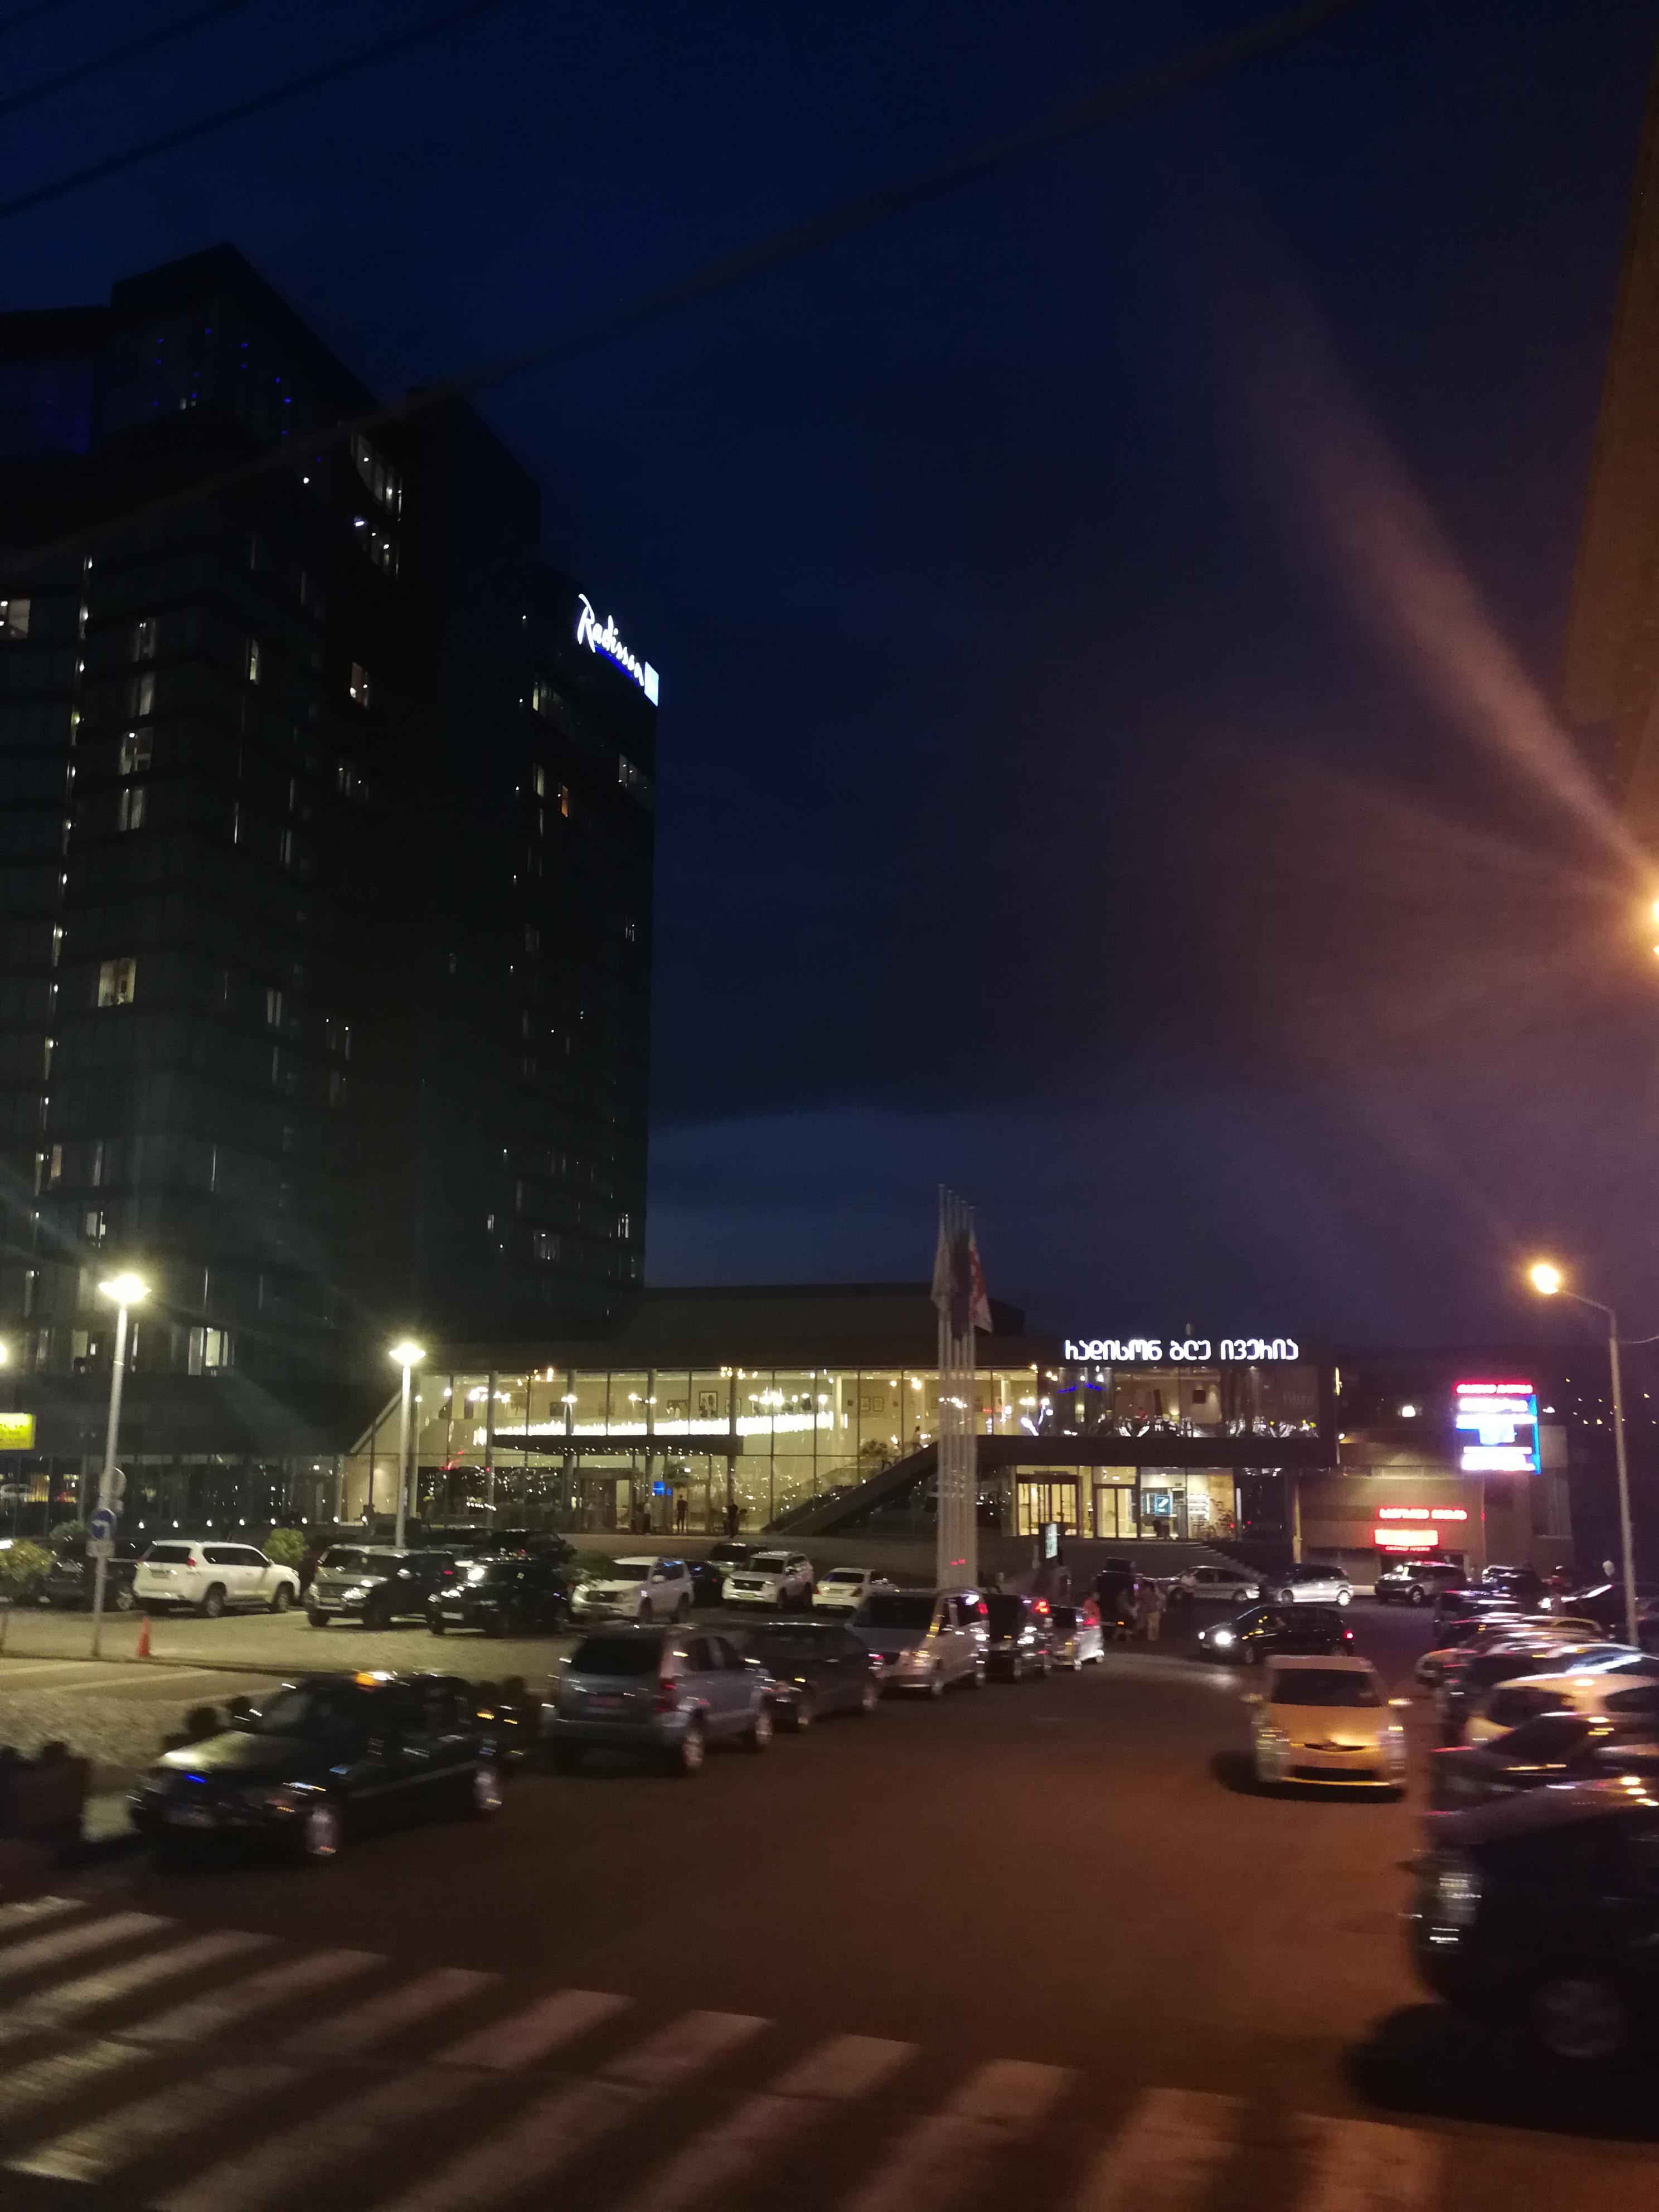 رد: رحلتي الى بلاد جورجيا وبلاد اذربيجان 2018 تقرير مصور محدث